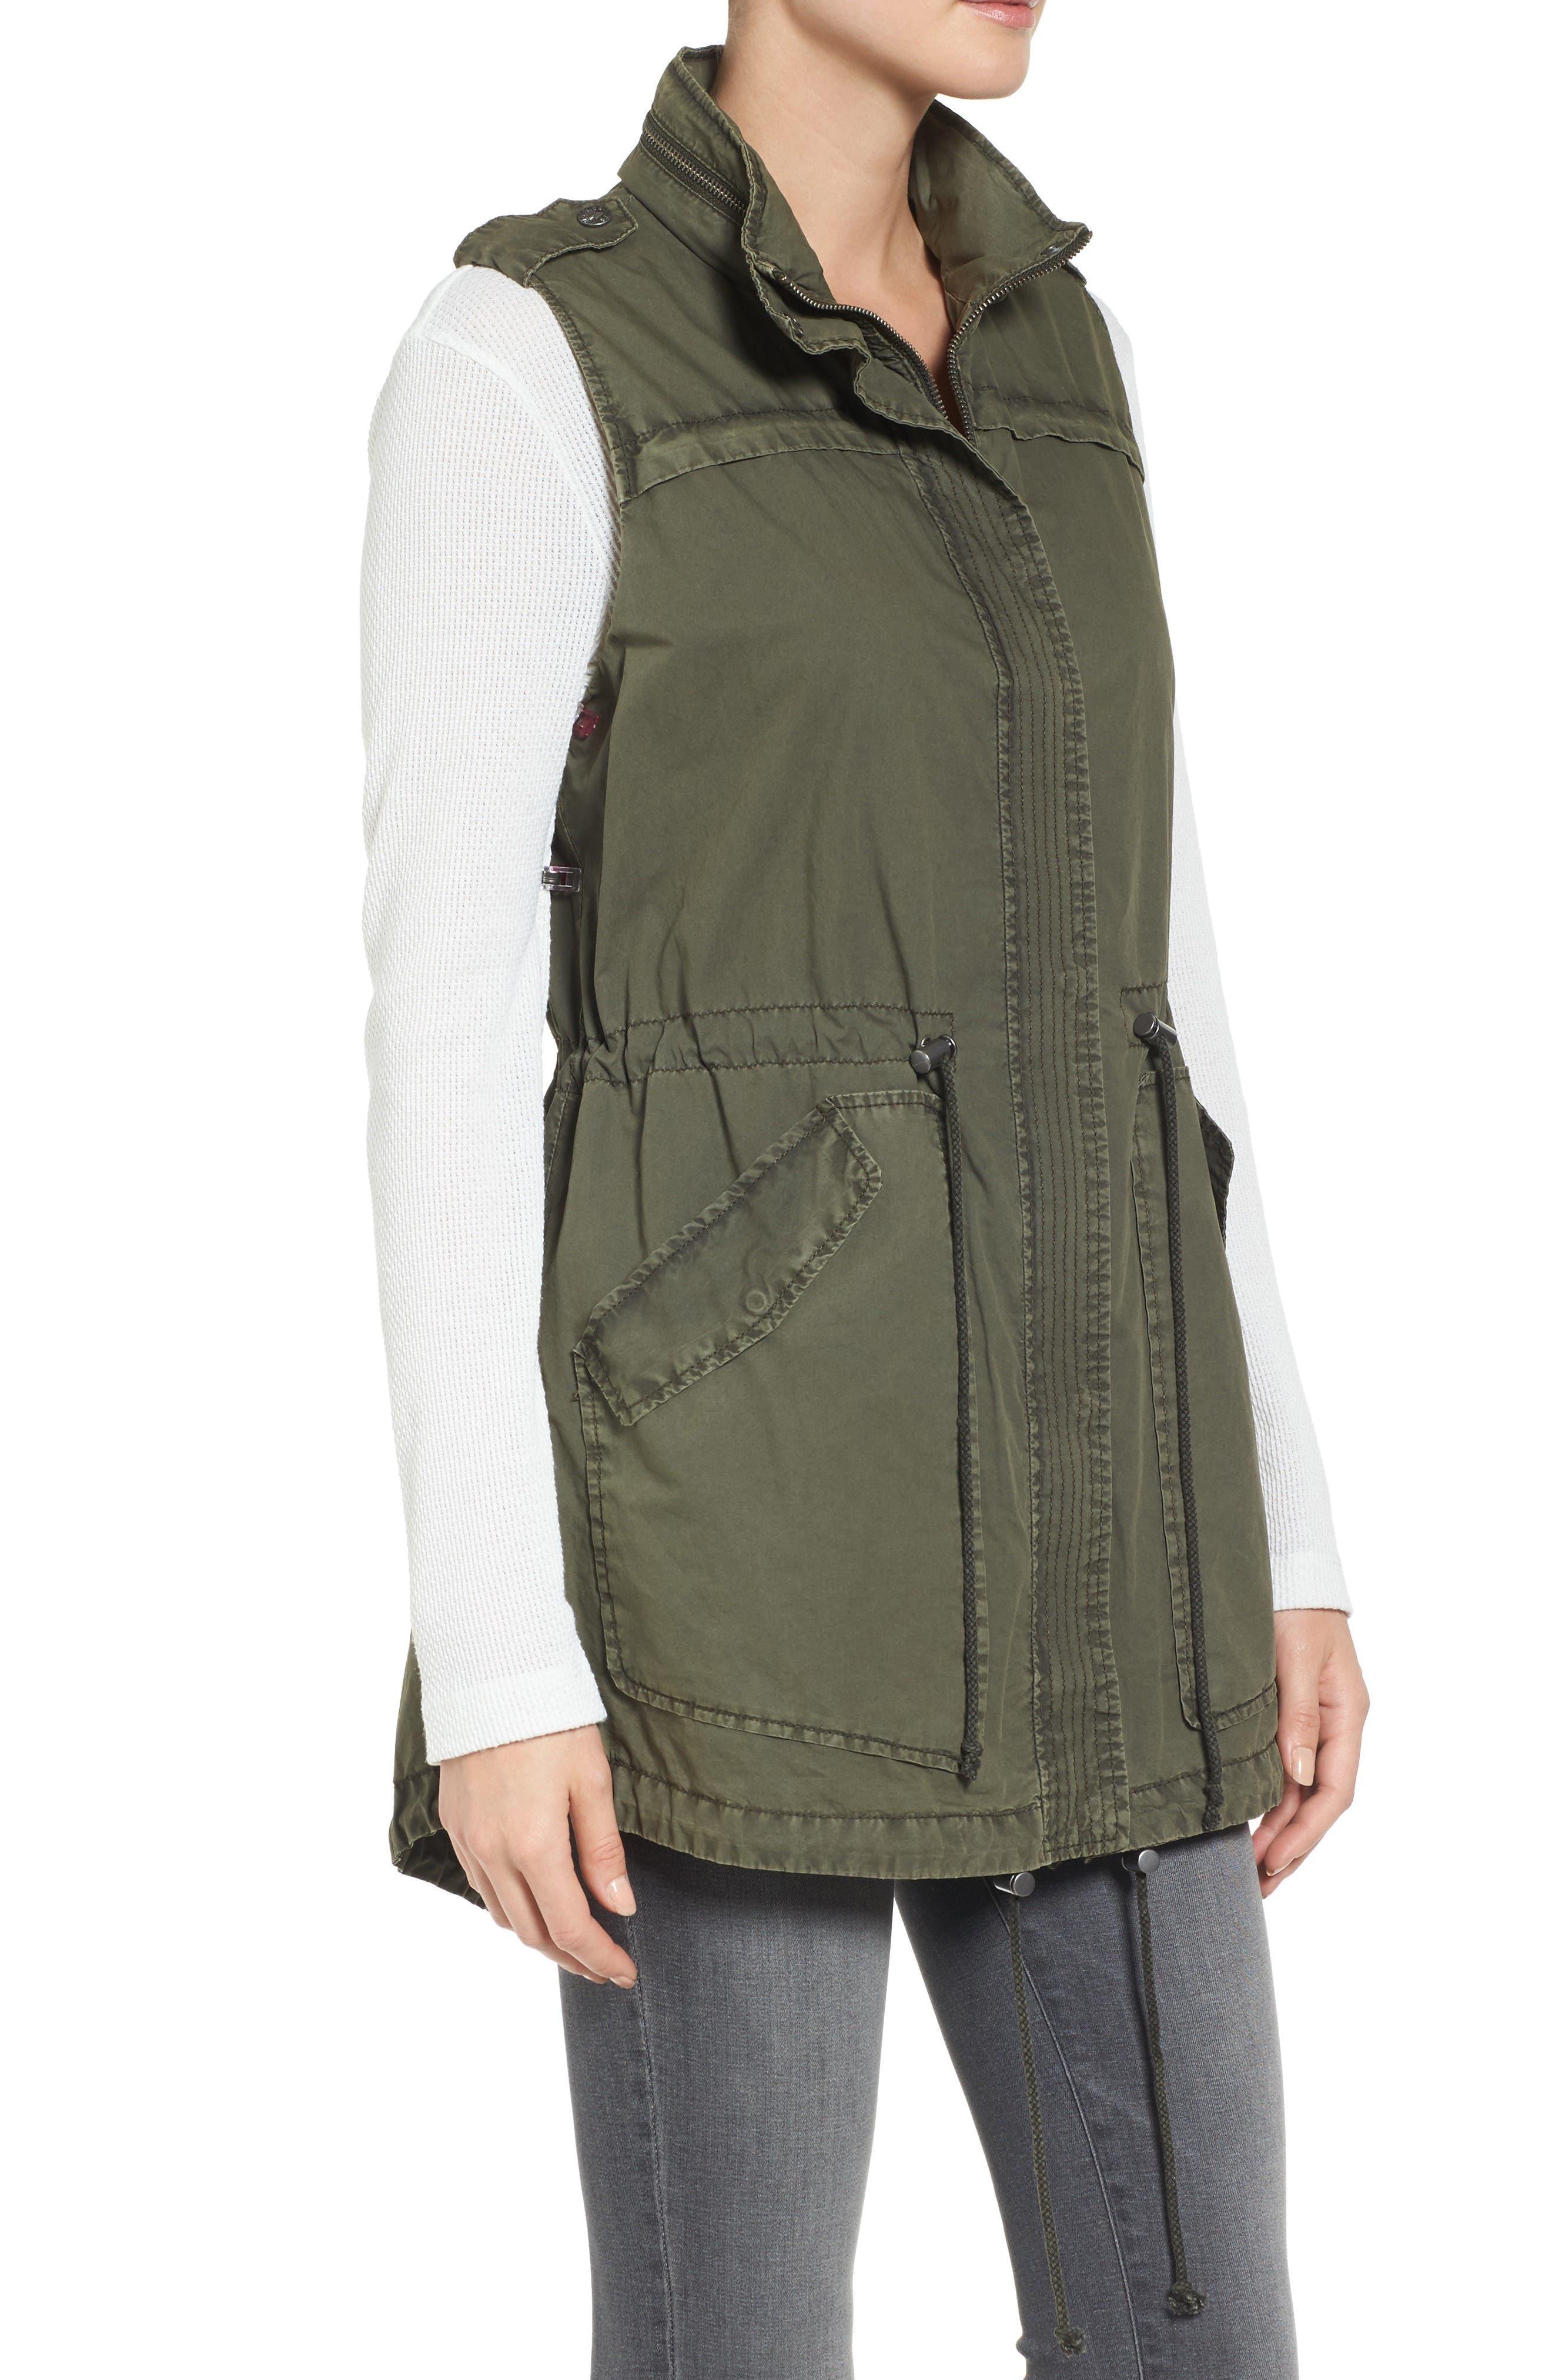 Levi's Parachute Cotton Vest,                             Alternate thumbnail 3, color,                             Army Green